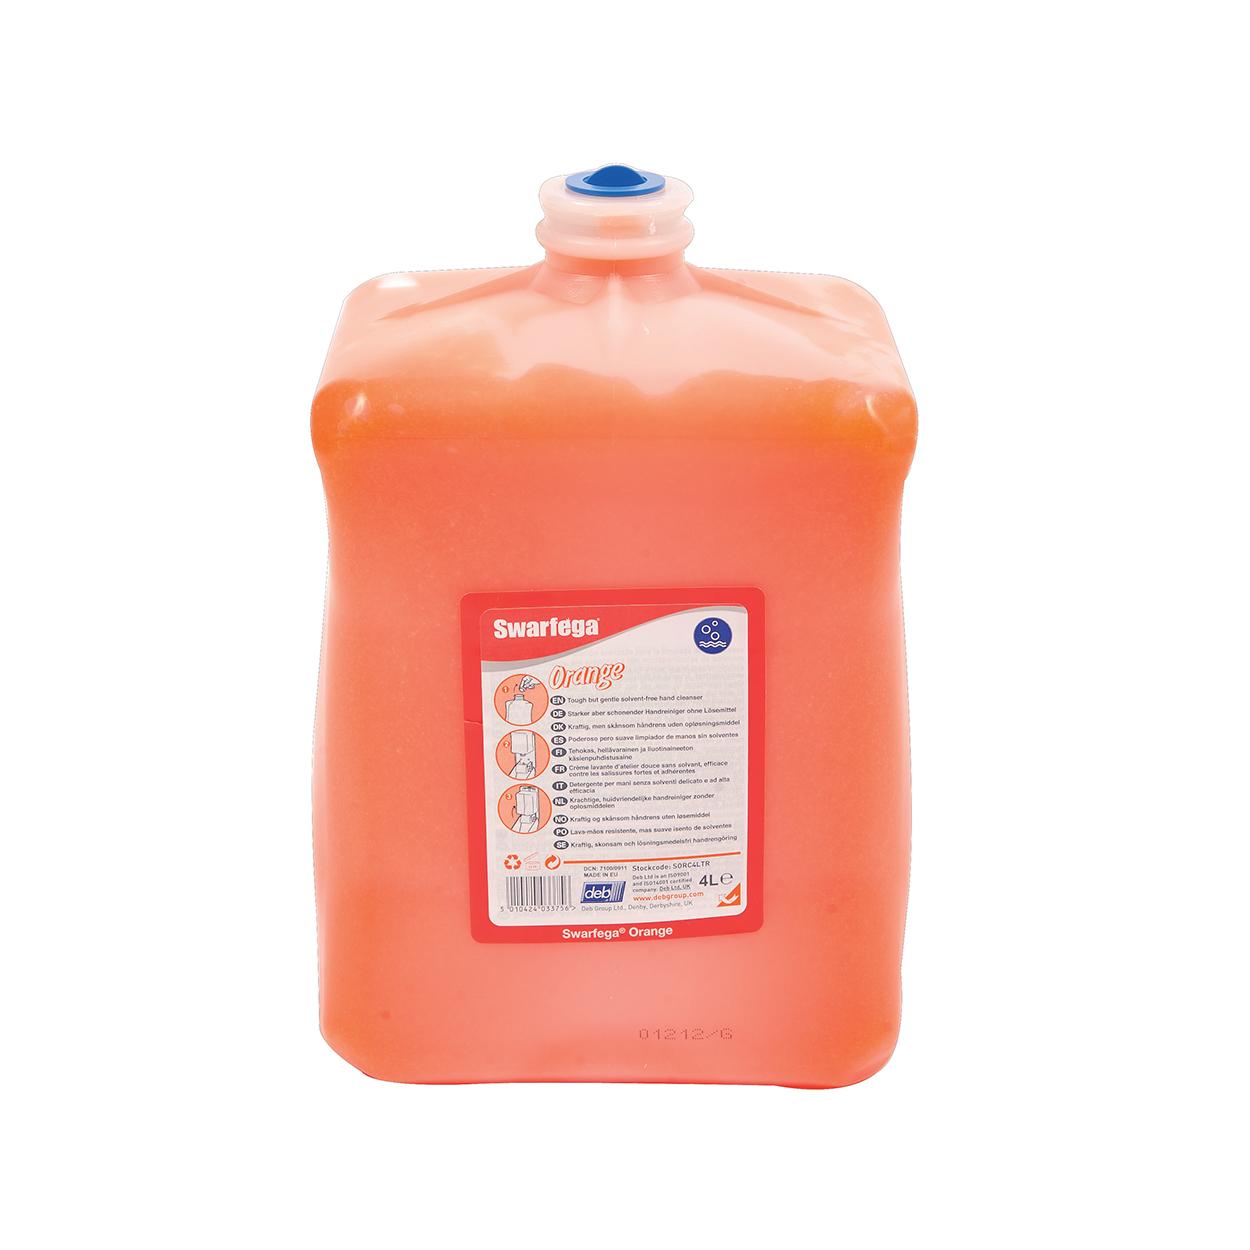 Jemný a účinný čistič rukou Swarfega Orange